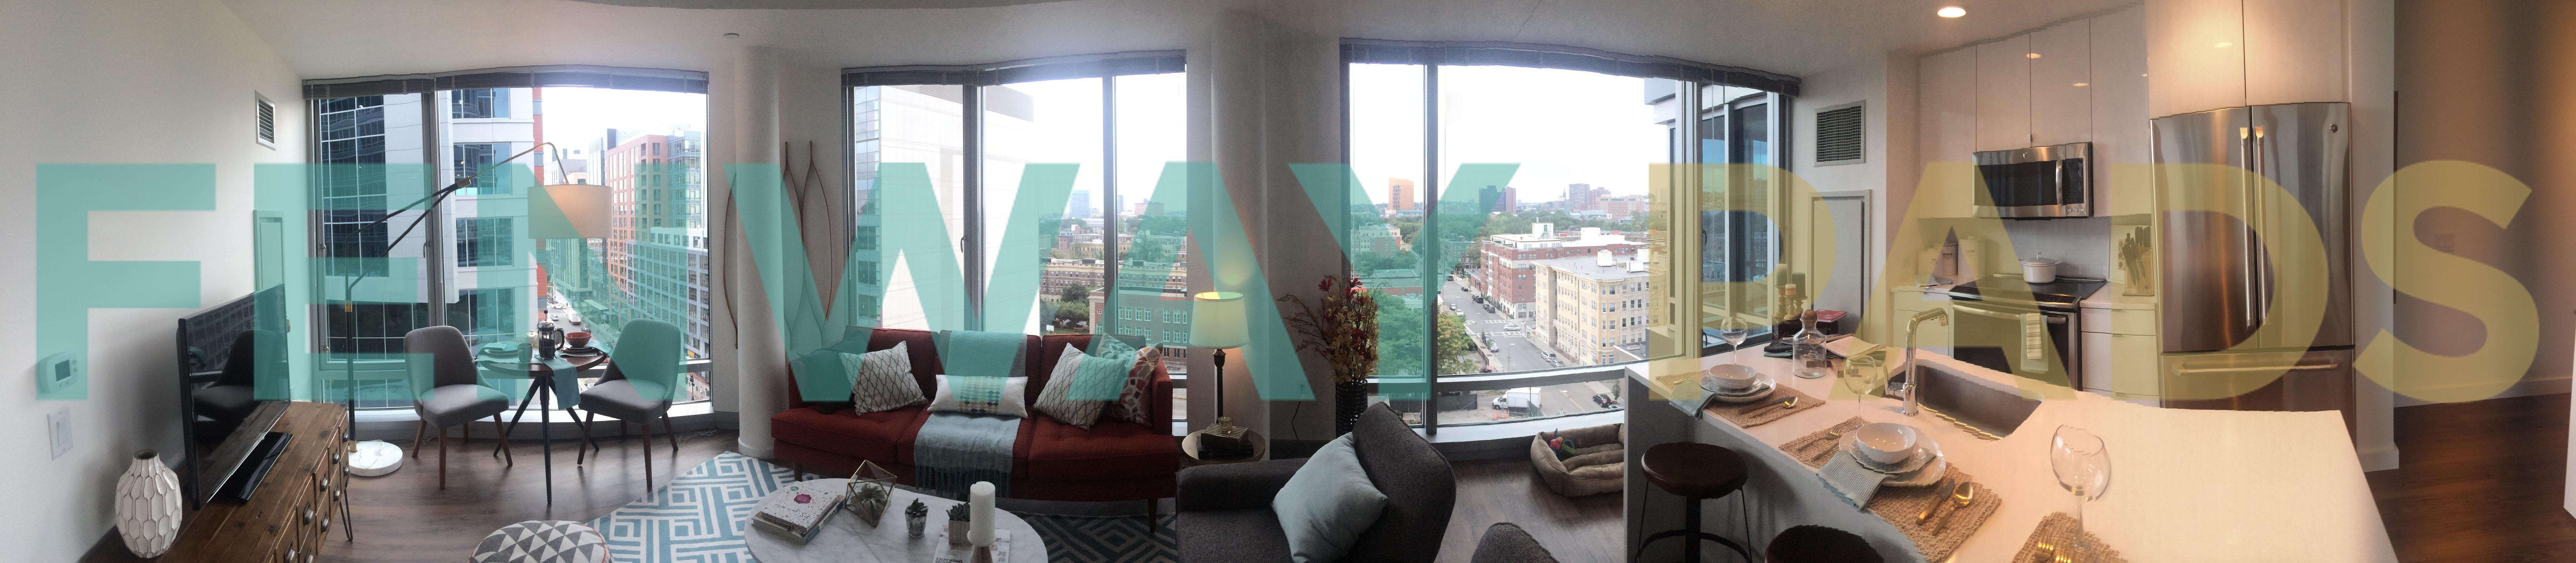 Van Ness  living room